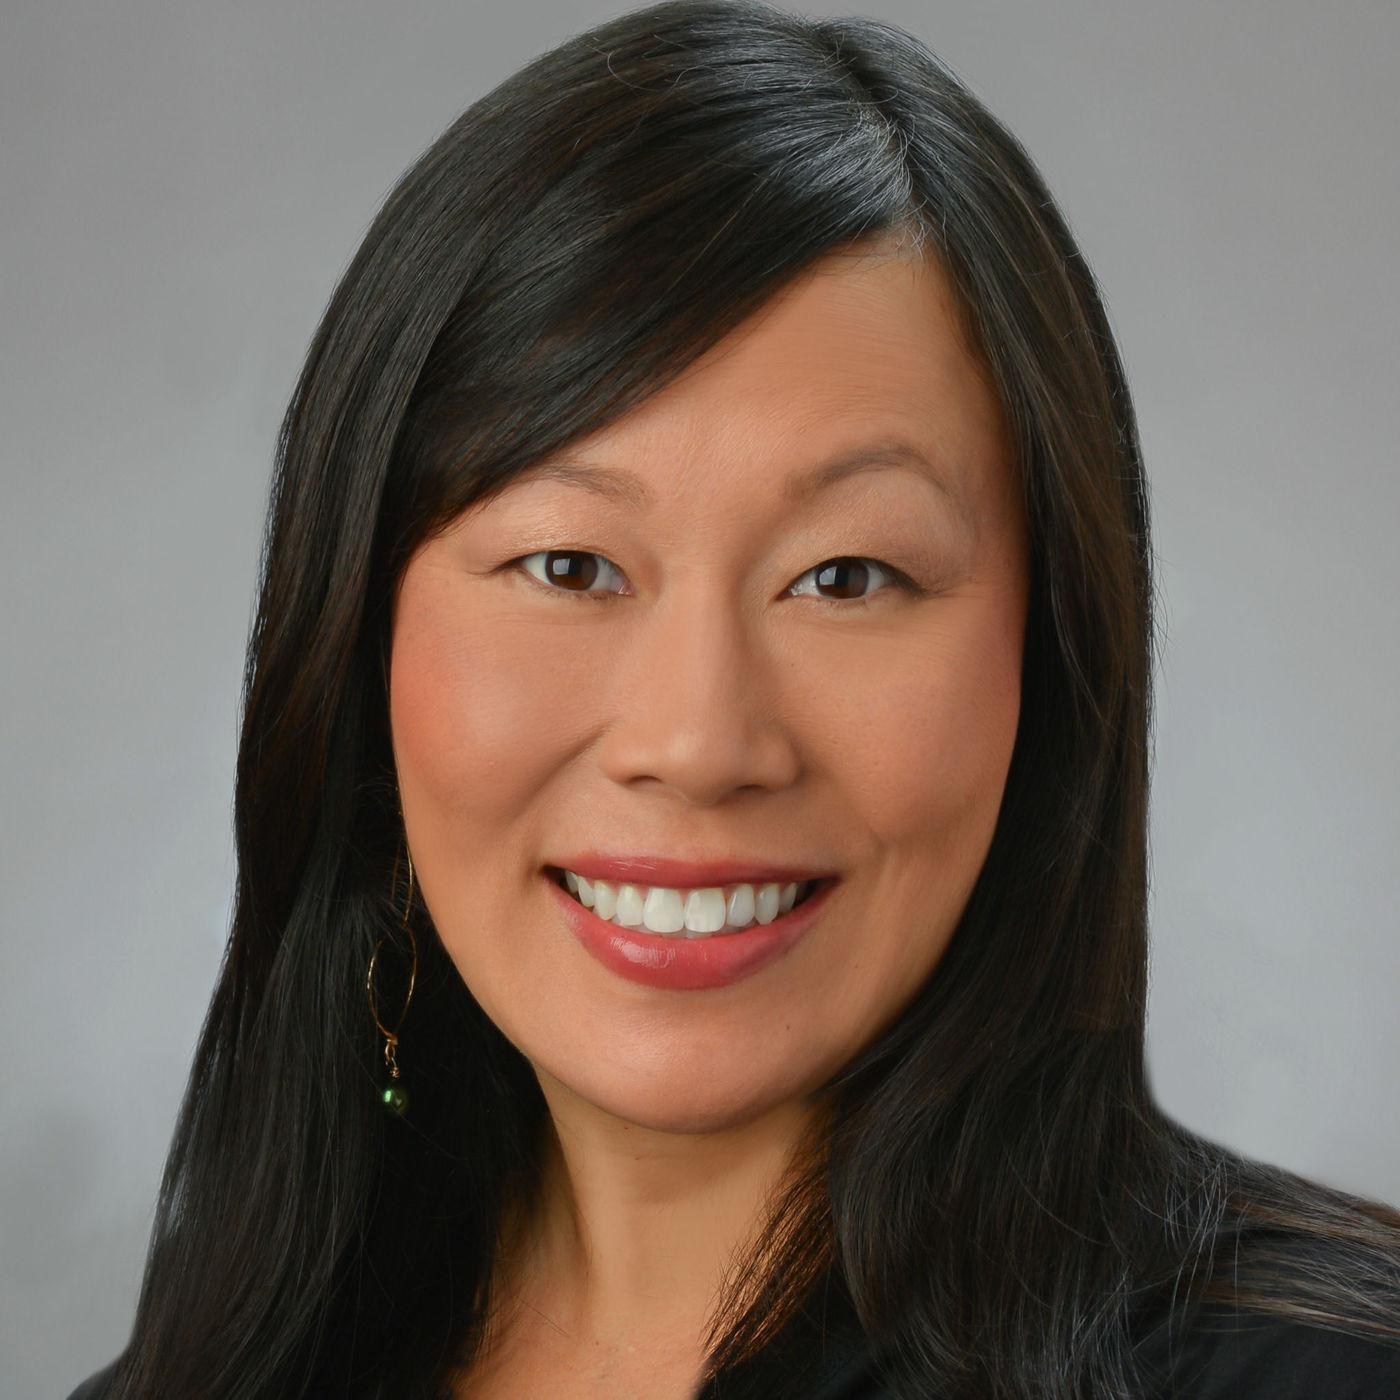 2018 Hawaii Teacher of the Year: Vanessa Ching